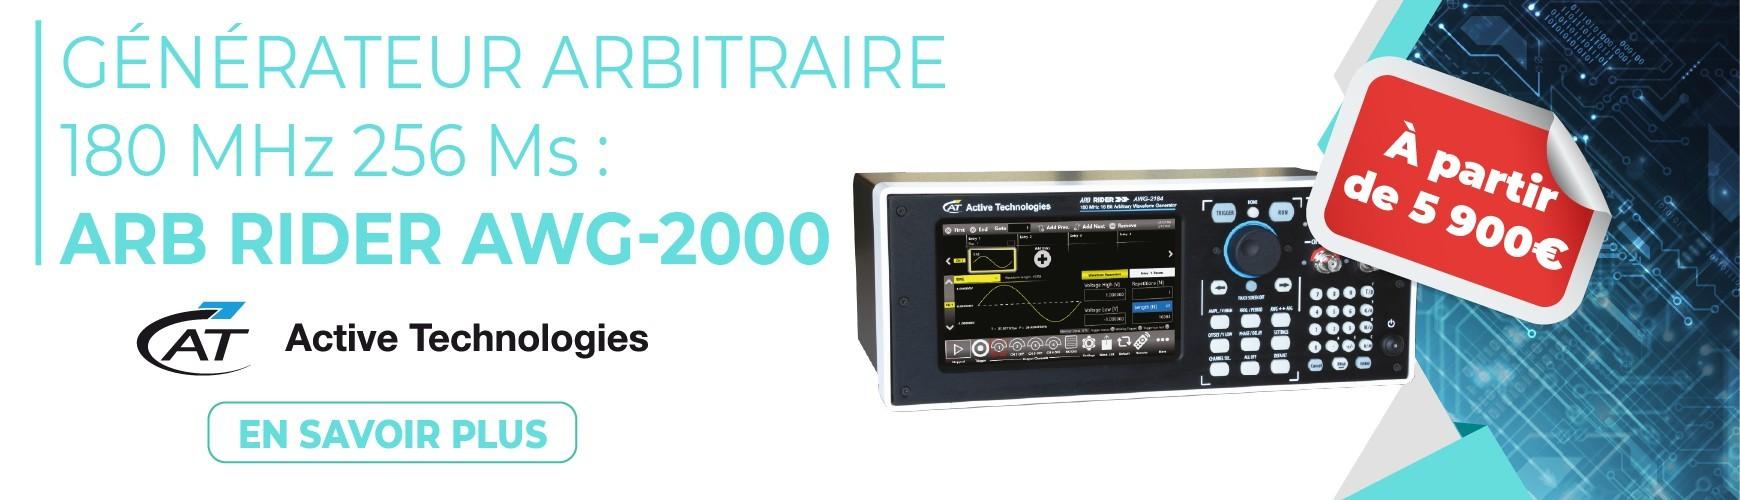 Générateur arbitraire 180 MHz AWG-2000